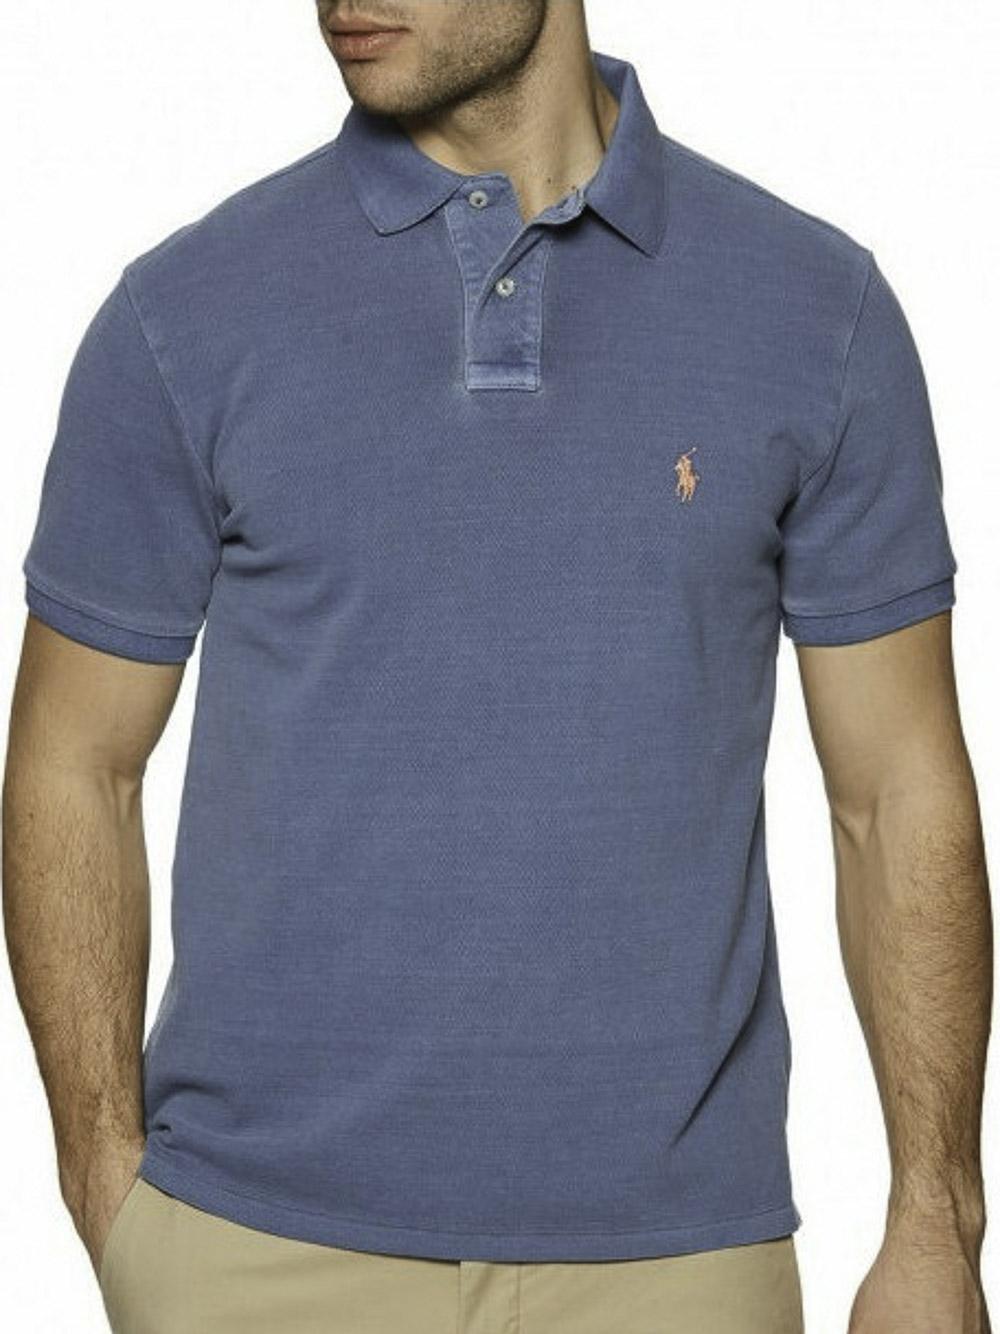 POLO RALPH LAUREN Μπλούζα Polo 710814416015 ΡΟΥΑ